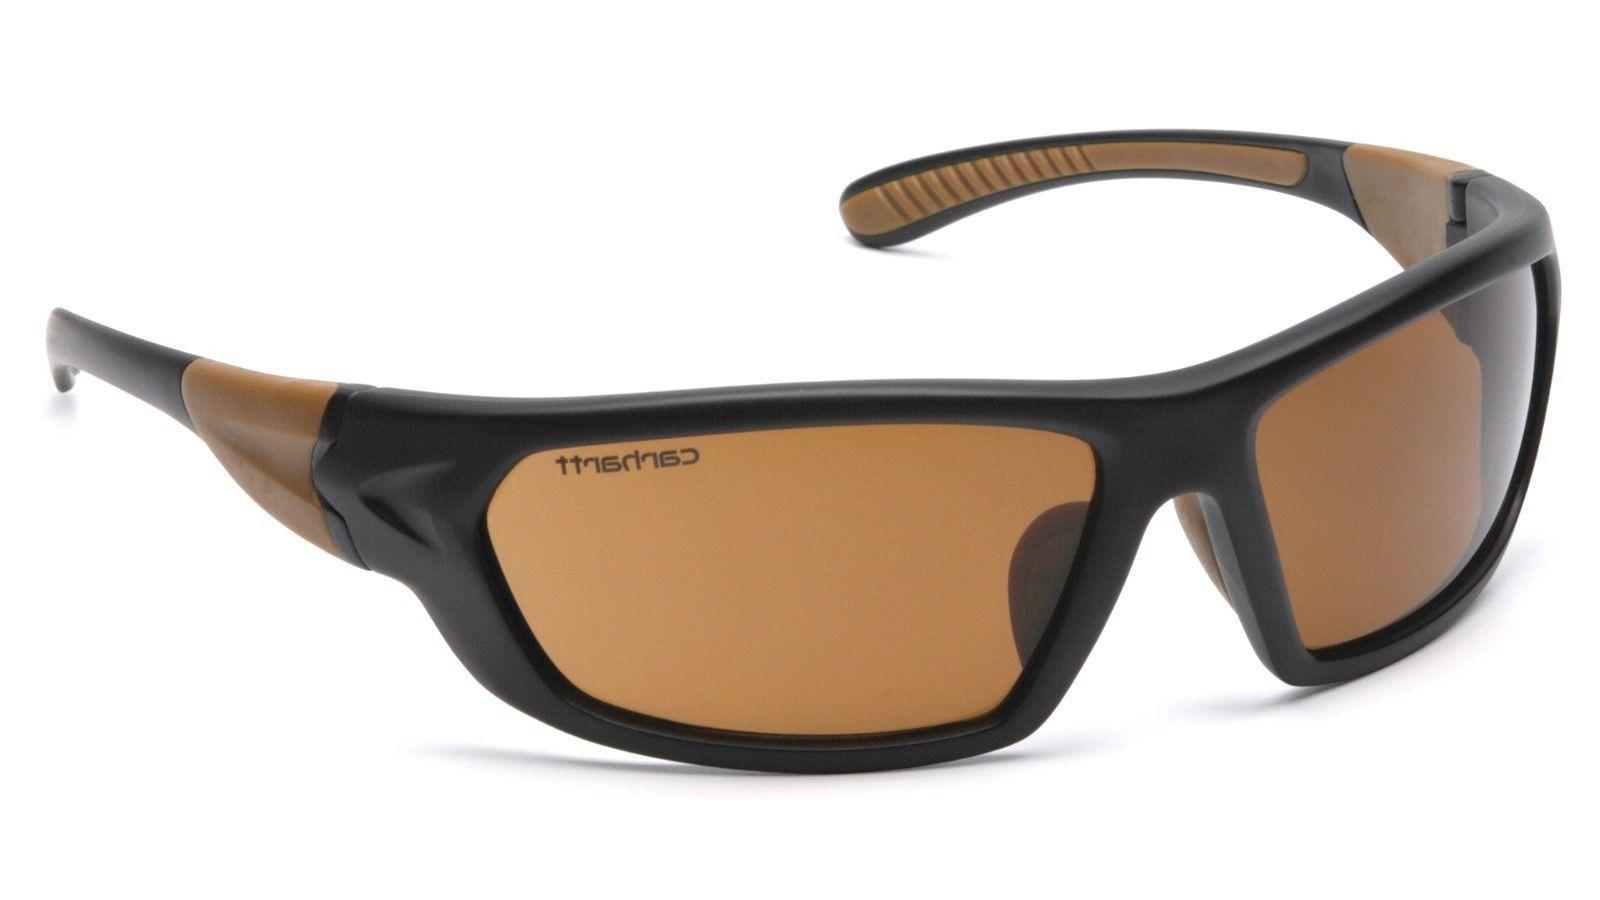 carbondale safety glasses black frames and bronze